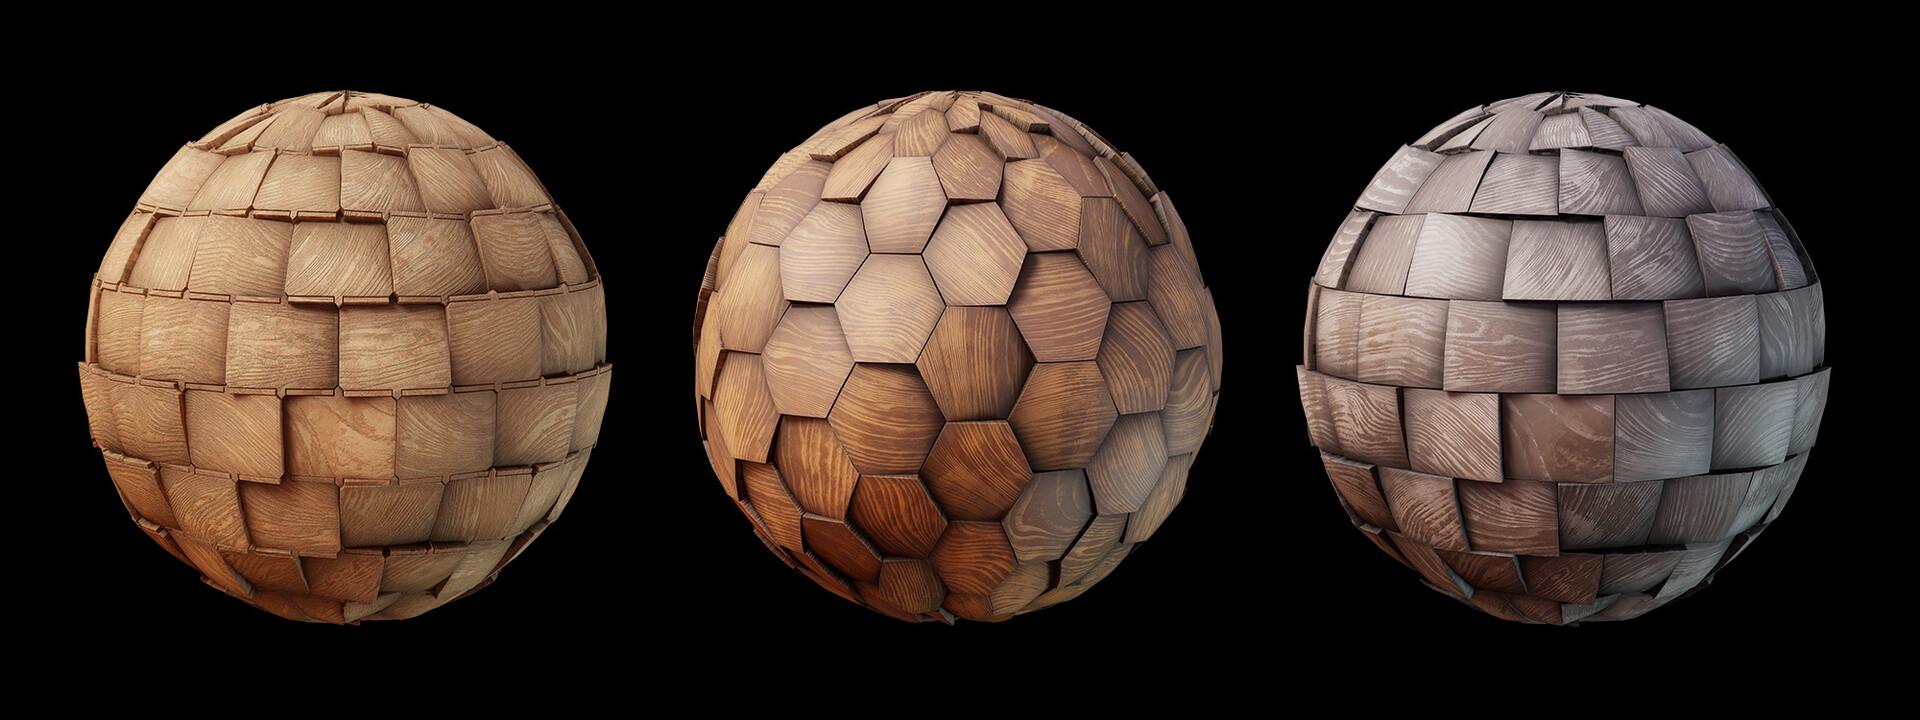 Ben wilson beauty 2 ball